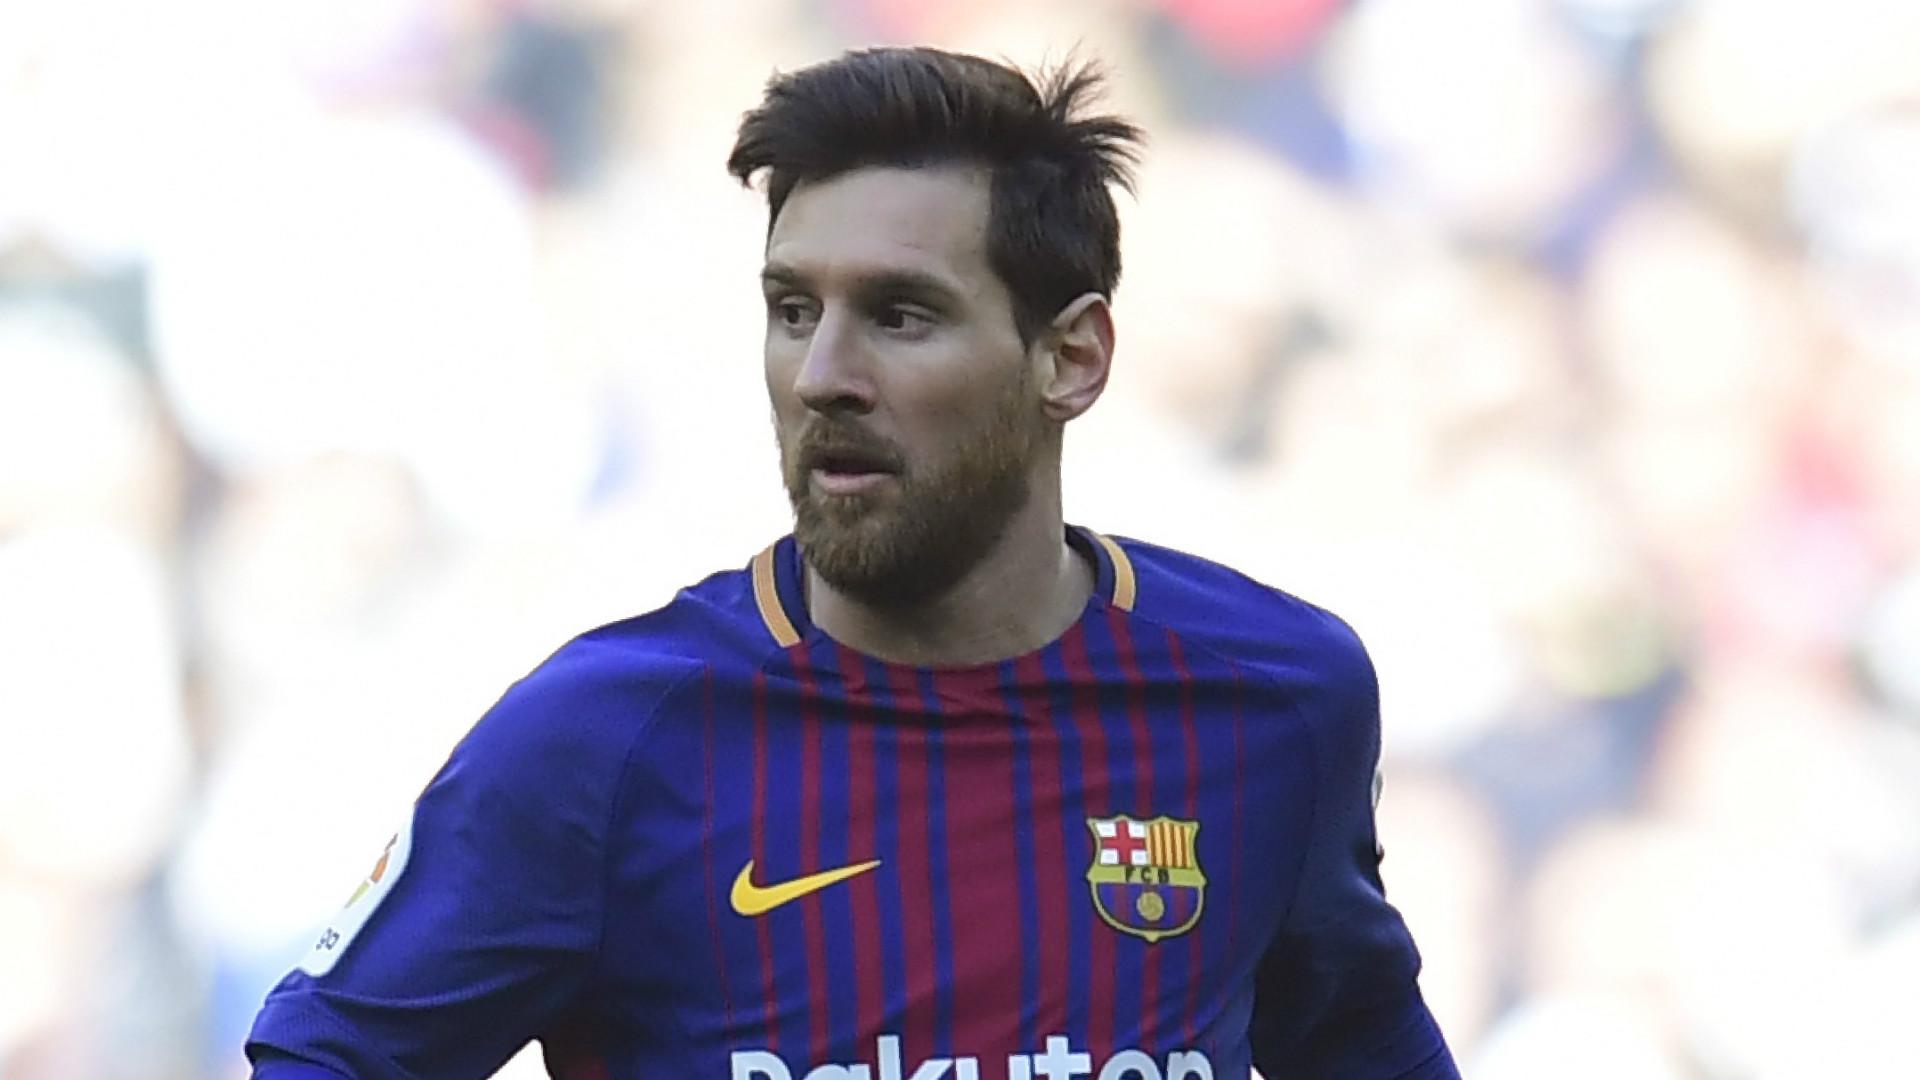 Messi sai do Barcelona a custo zero se Catalunha se tornar independente